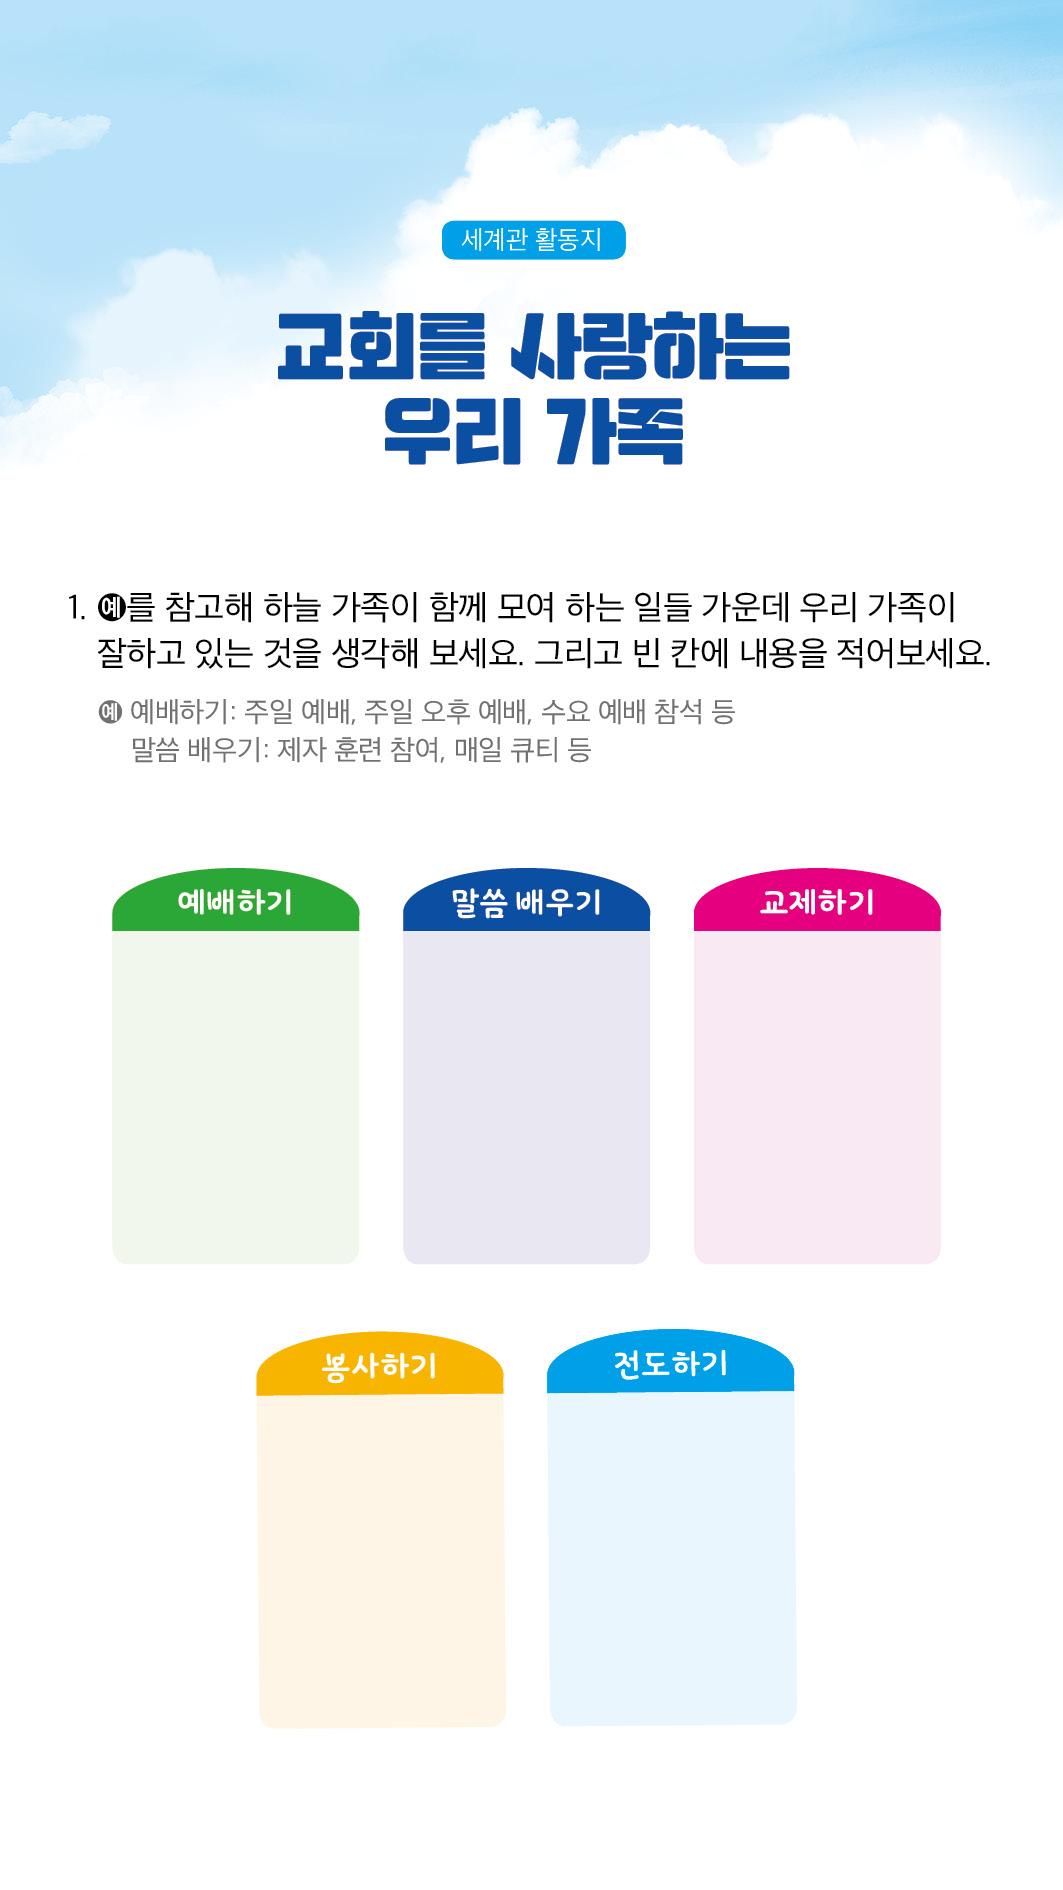 학령기 가정활동_신약3 6과 모바일6.jpg